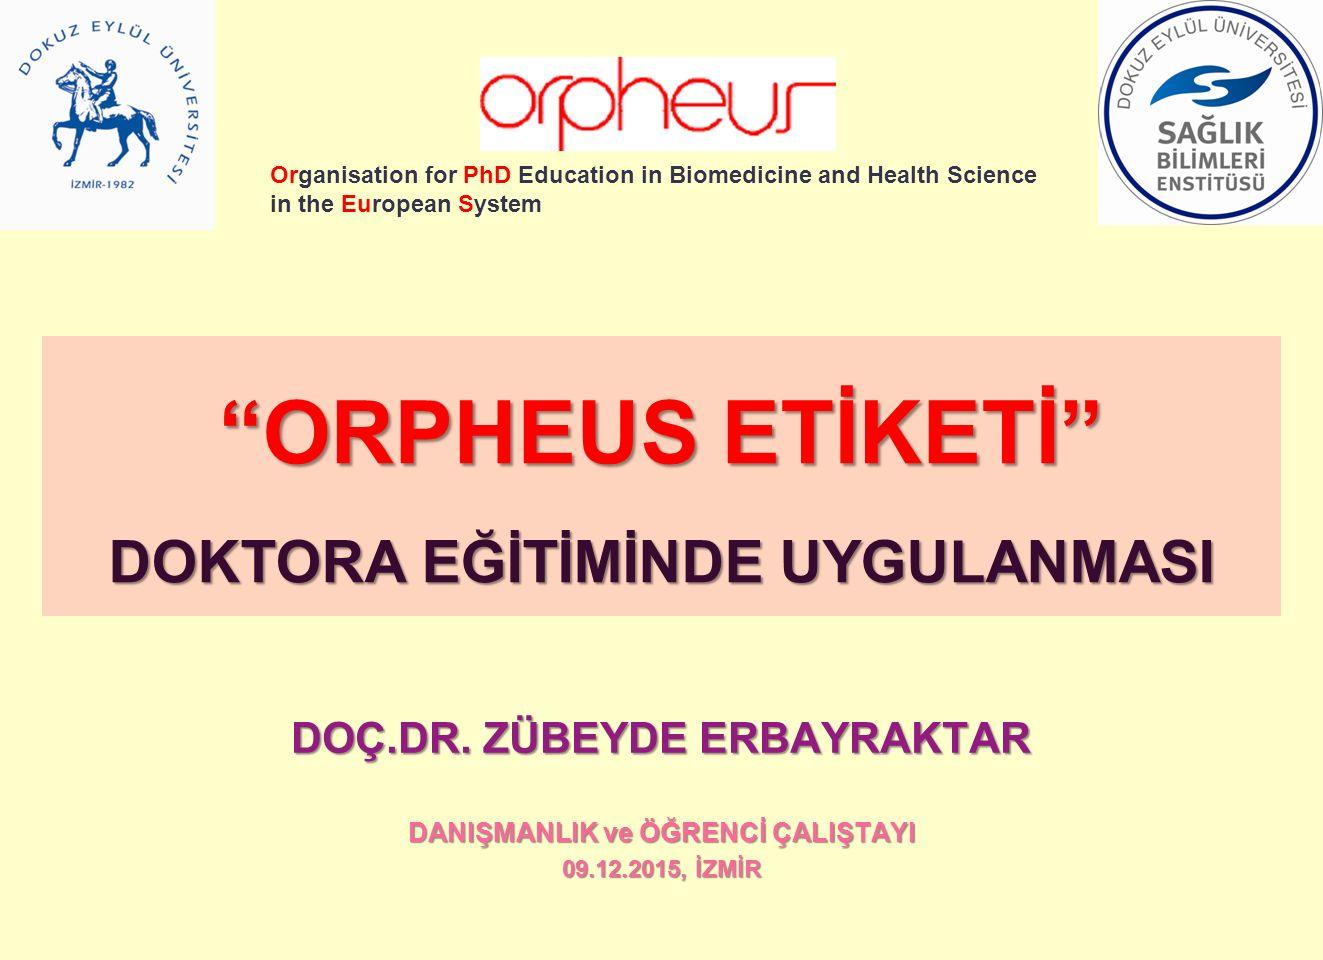 ORPHEUS ve AVRUPA DOKTORA VİZYONU Dokuz Eylül Üniversitesi Sağlık Bilimleri Enstitüsü ORPHEUS ETİKETİ almaya hak kazanmış olan ilk Türk Üniversitesidir.